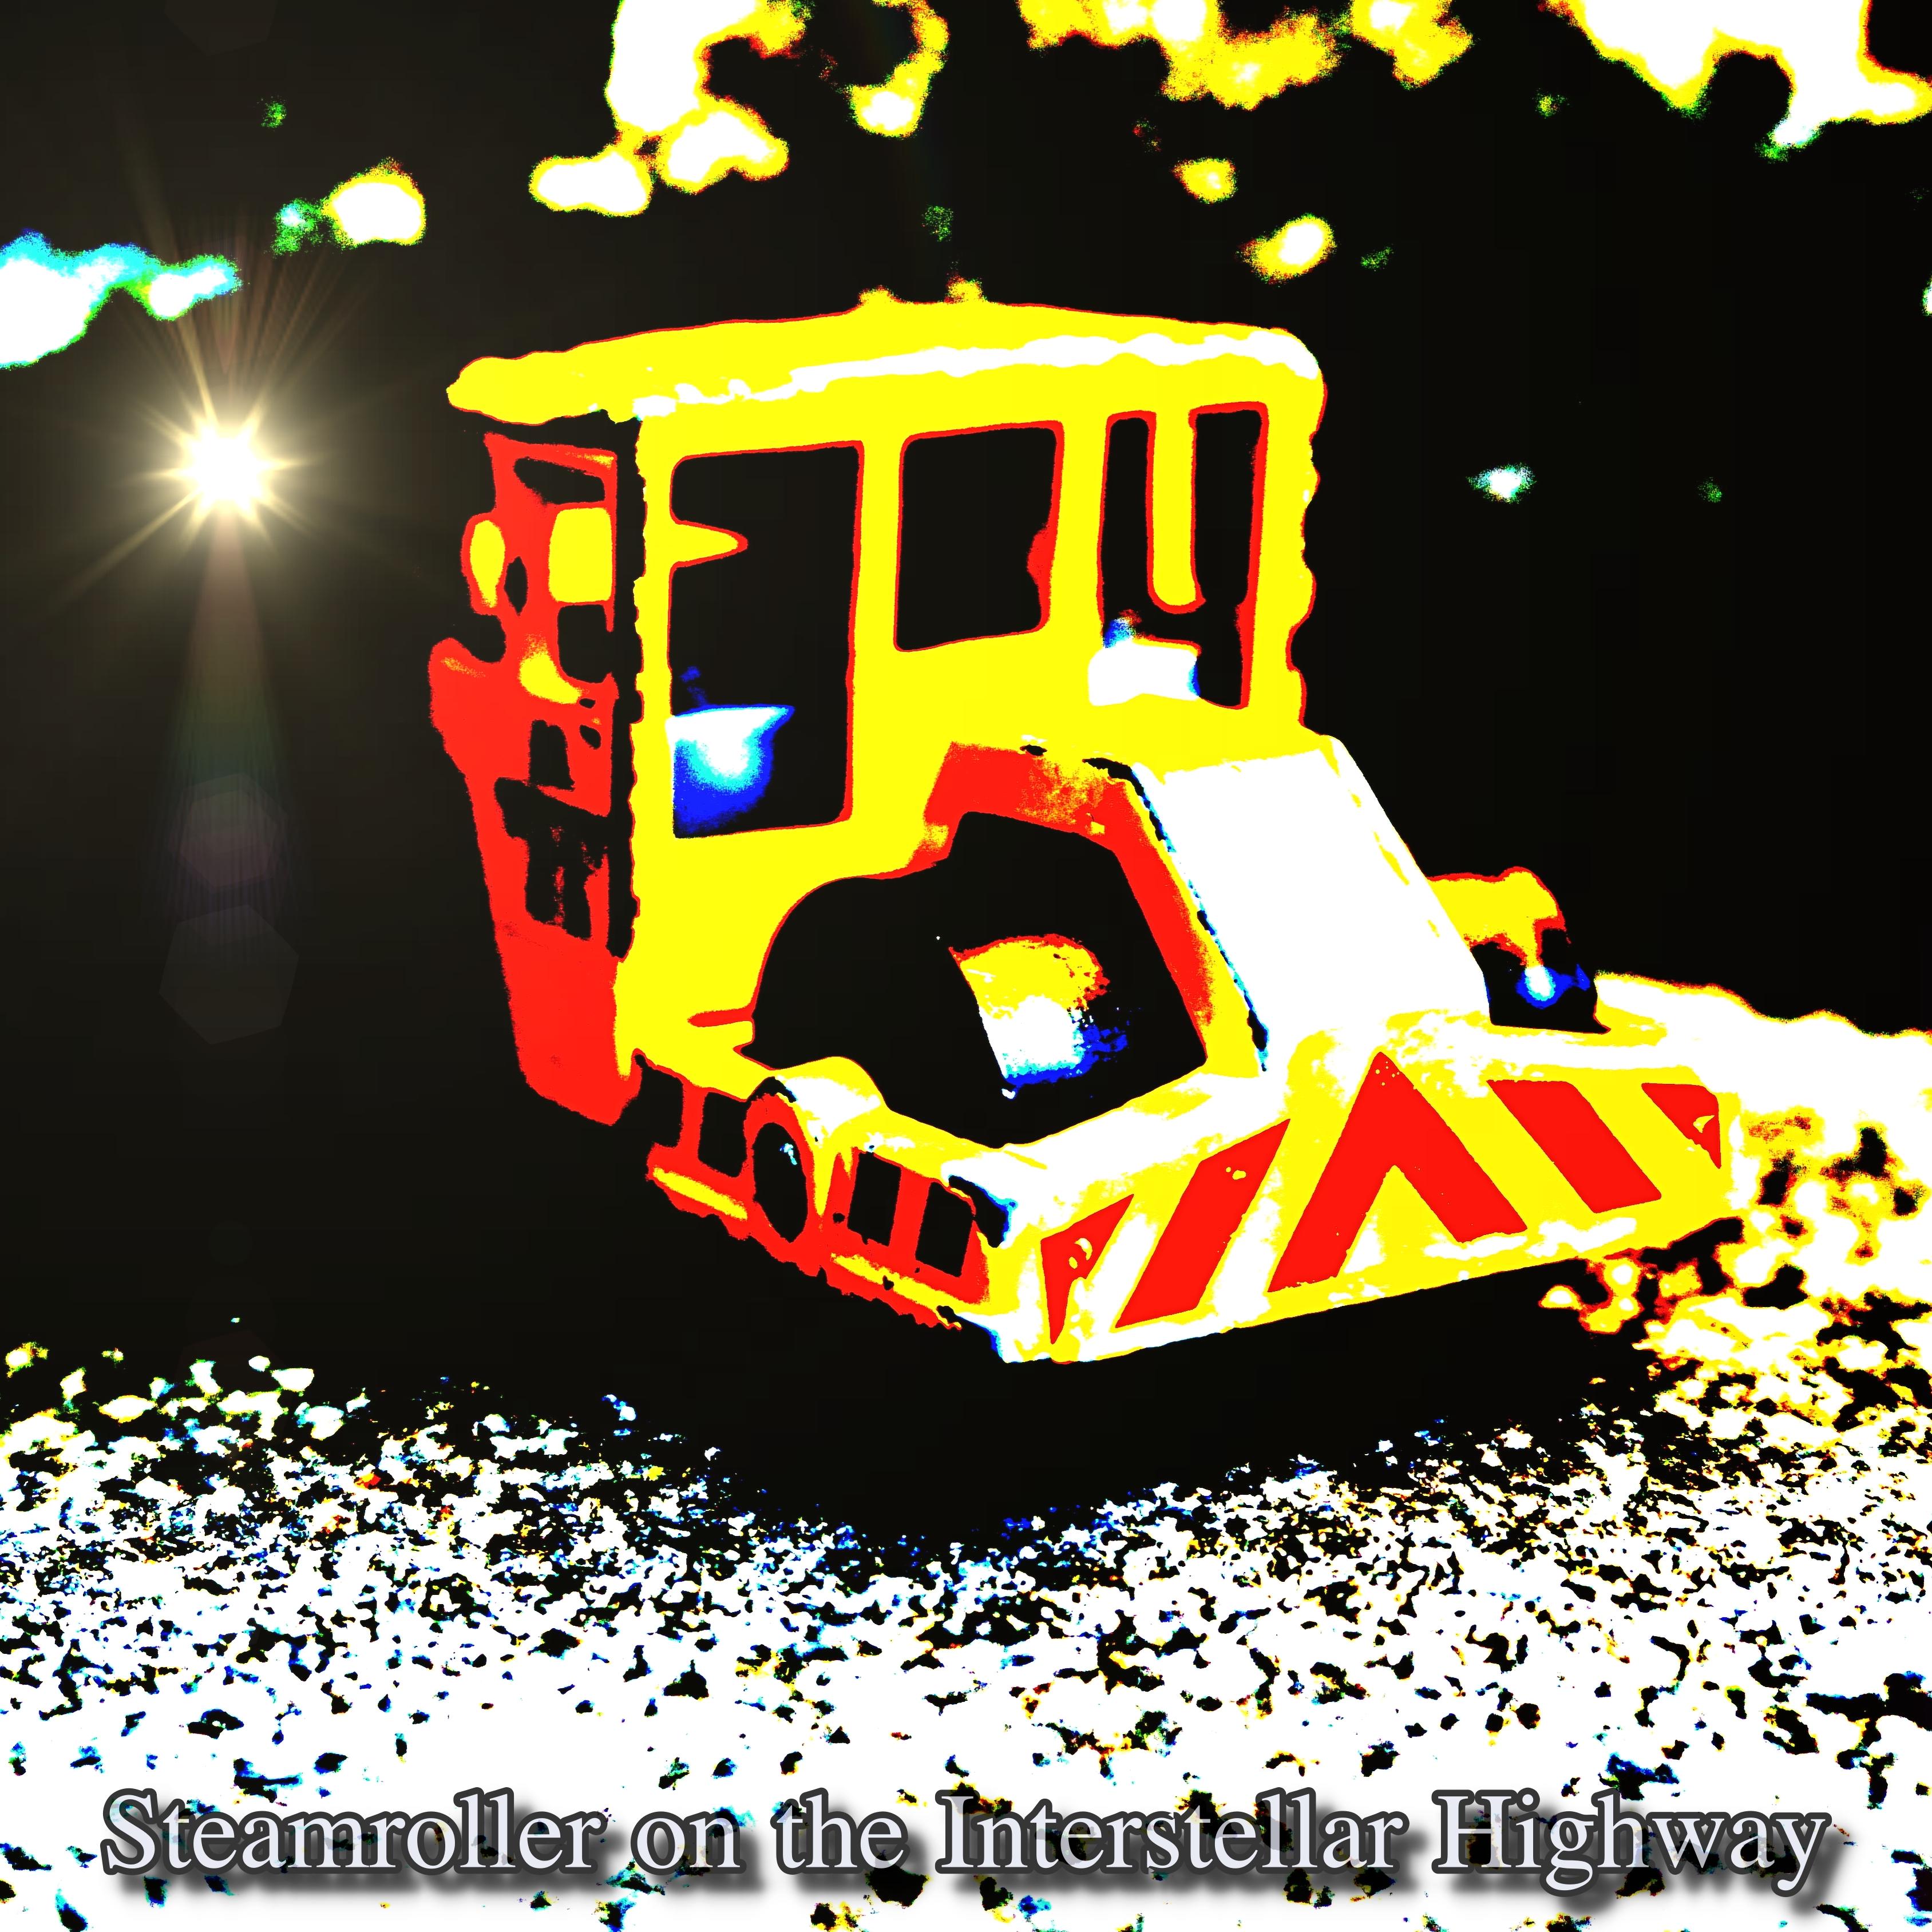 baaden/cremer Steamroller on the Interstellar Highway